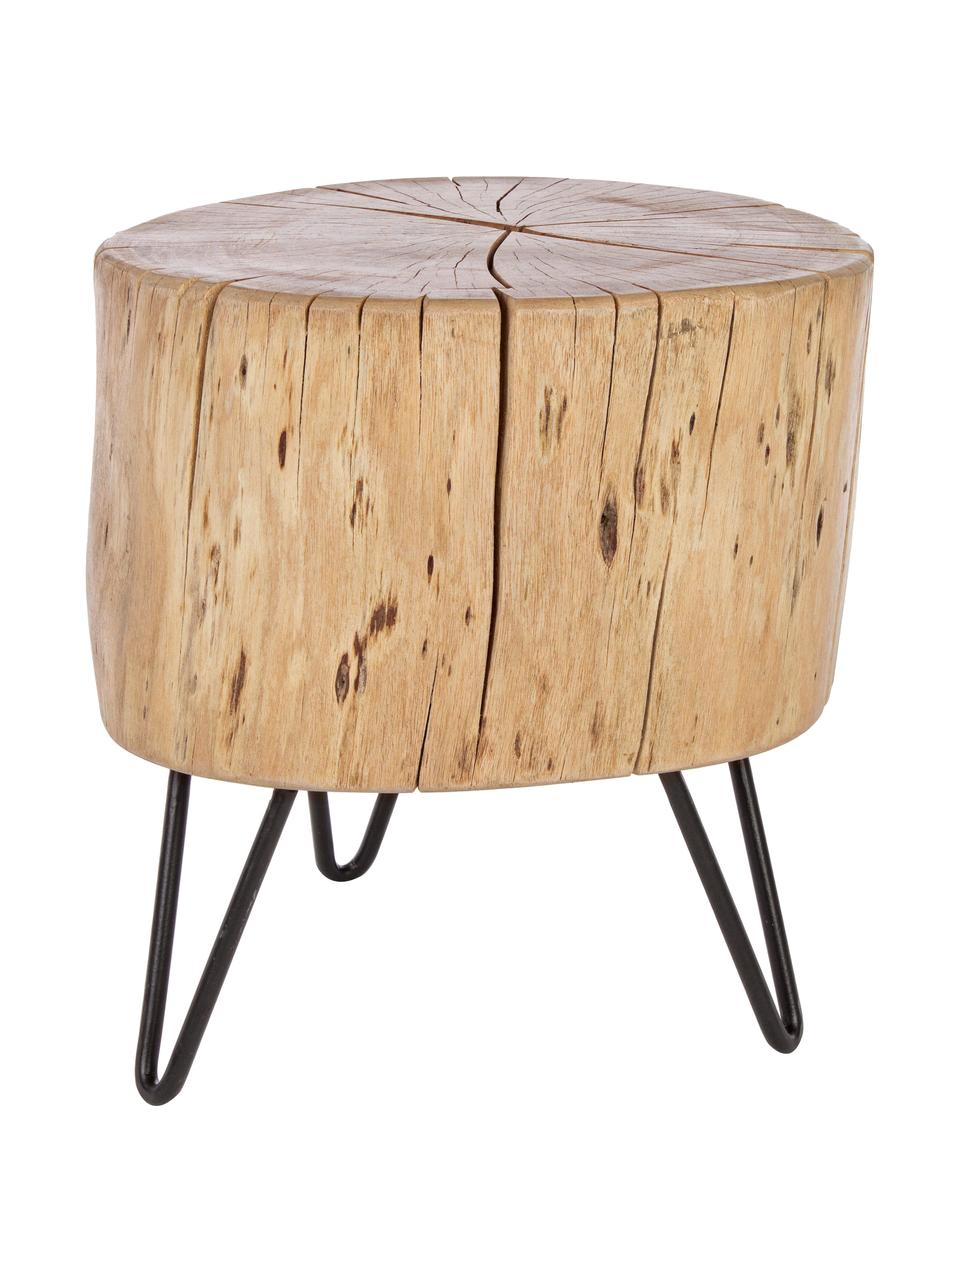 Tavolino in legno di acacia Arthur, Piedini: metallo, Marrone, nero, Larg. 35 x Alt. 35 cm